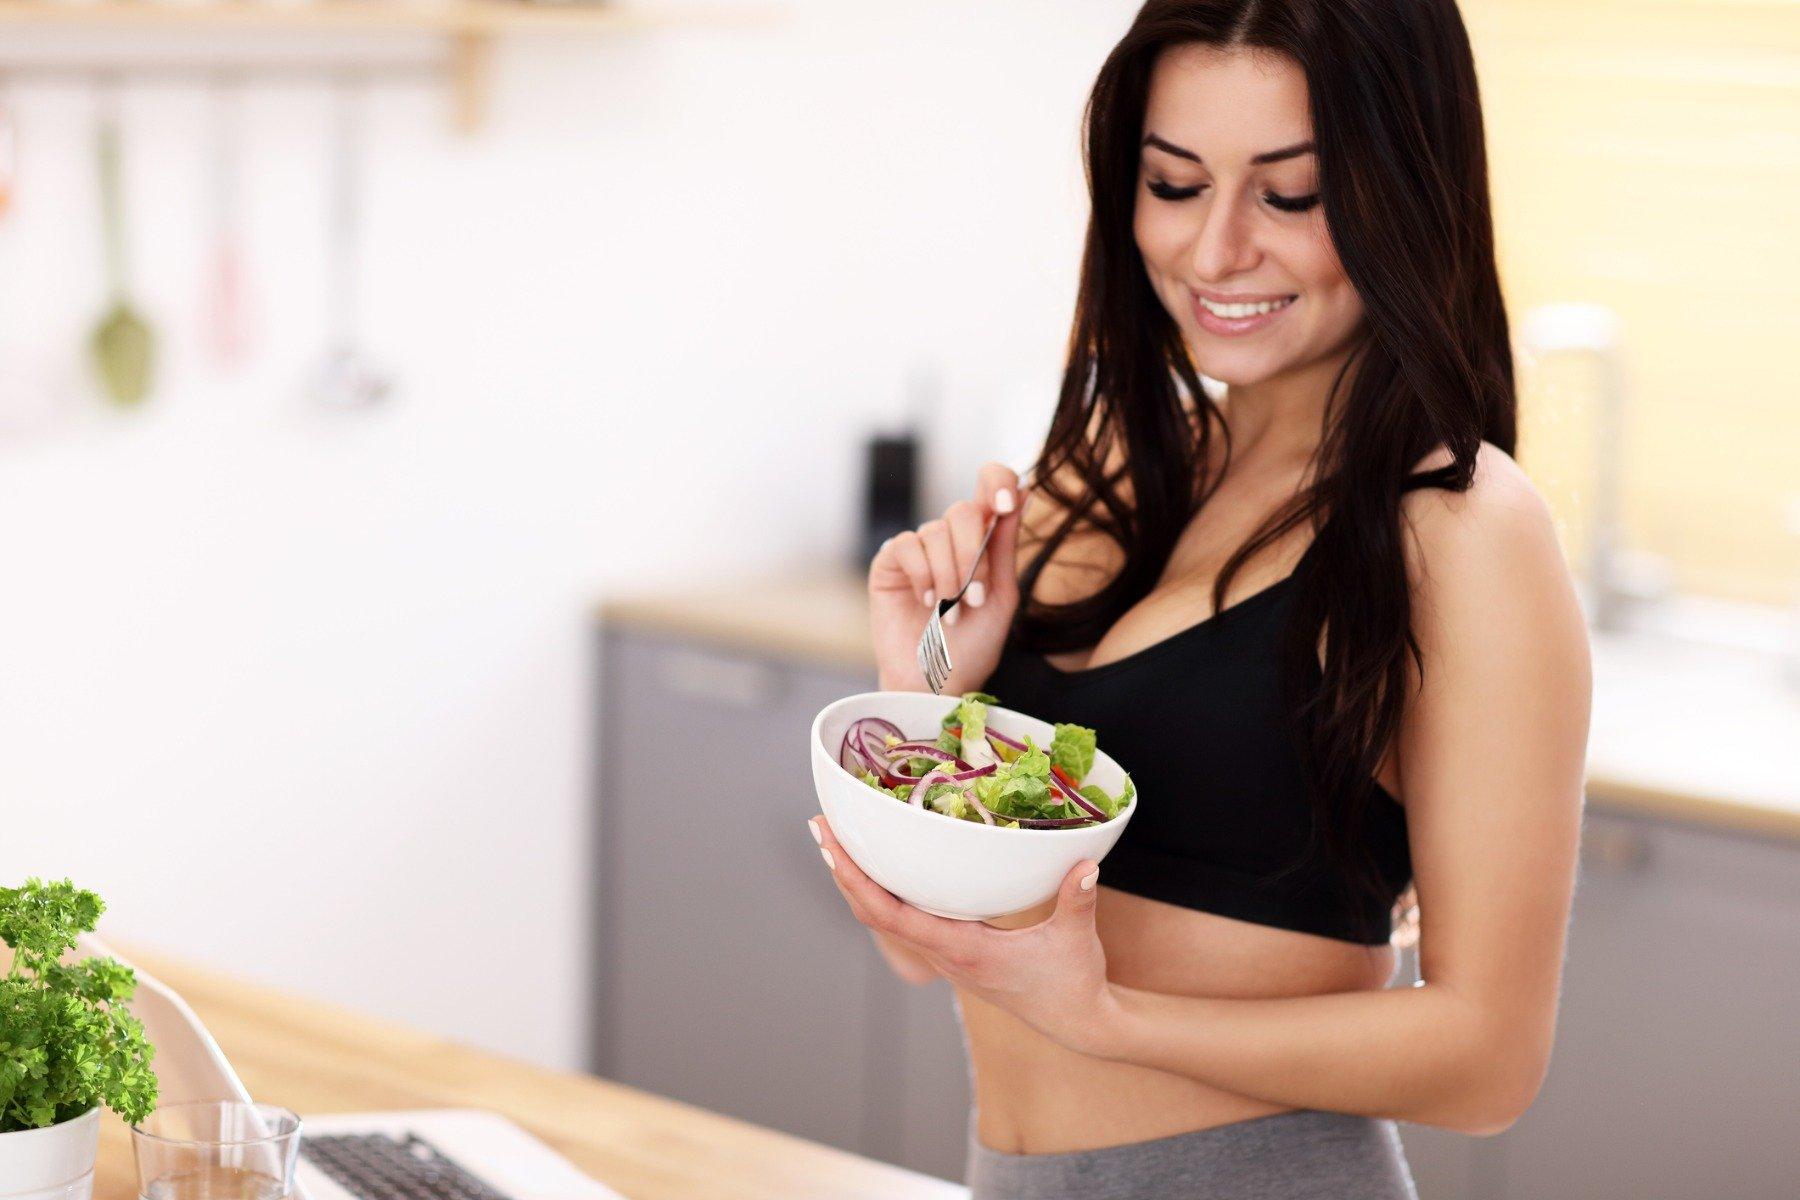 A legsúlyosabb tévhitek a zsírégetésről! - Fogyókúra | Femina